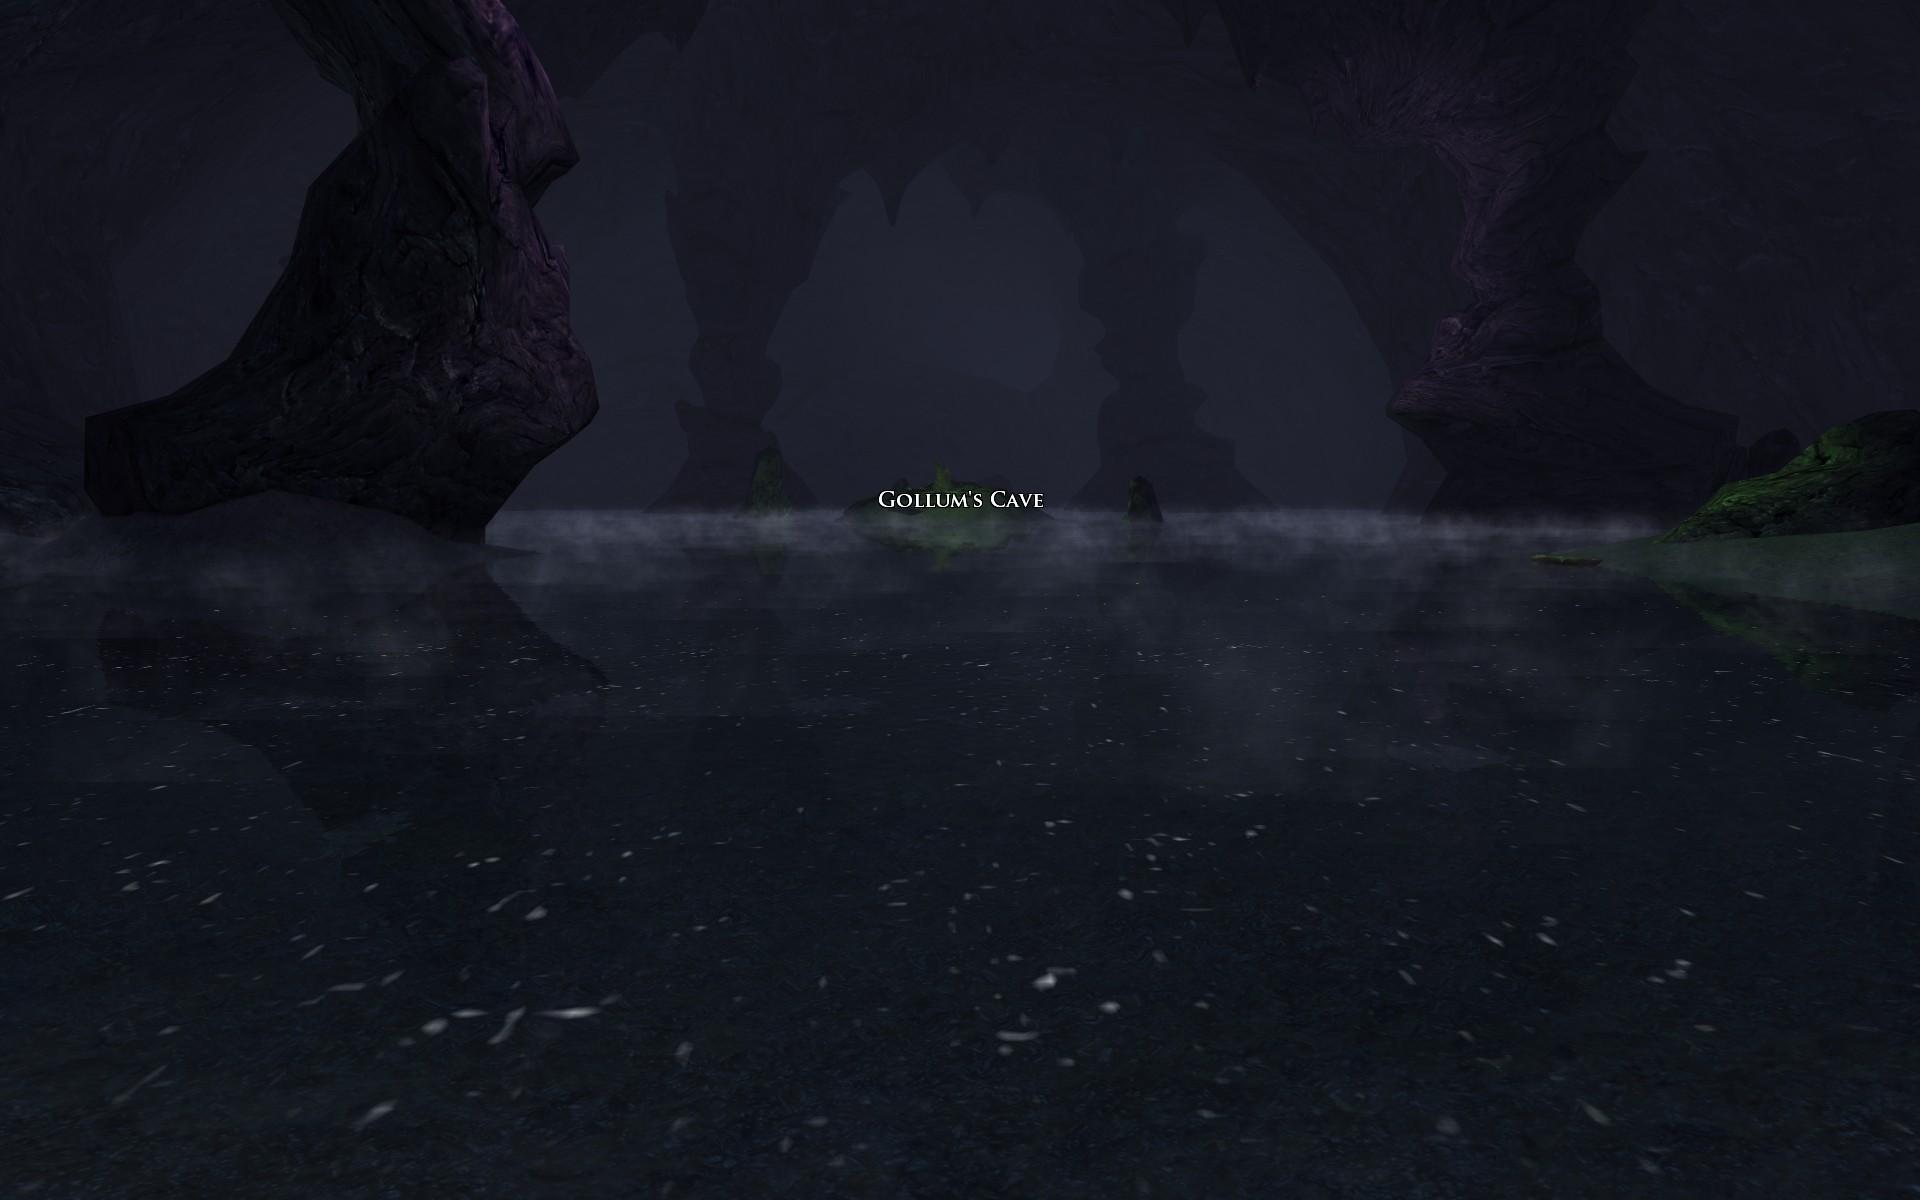 『ロード・オブ・ザ・リングス オンライン』における、ゴブリン町奥のゴクリがいた洞窟